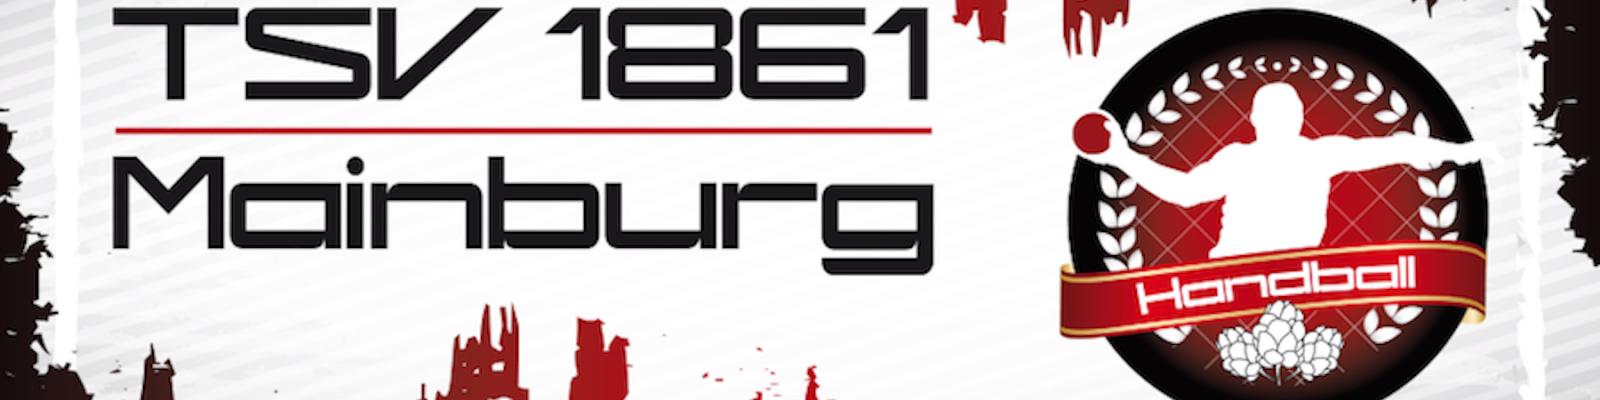 cropped-Mainburg_Handball_Header-2.png